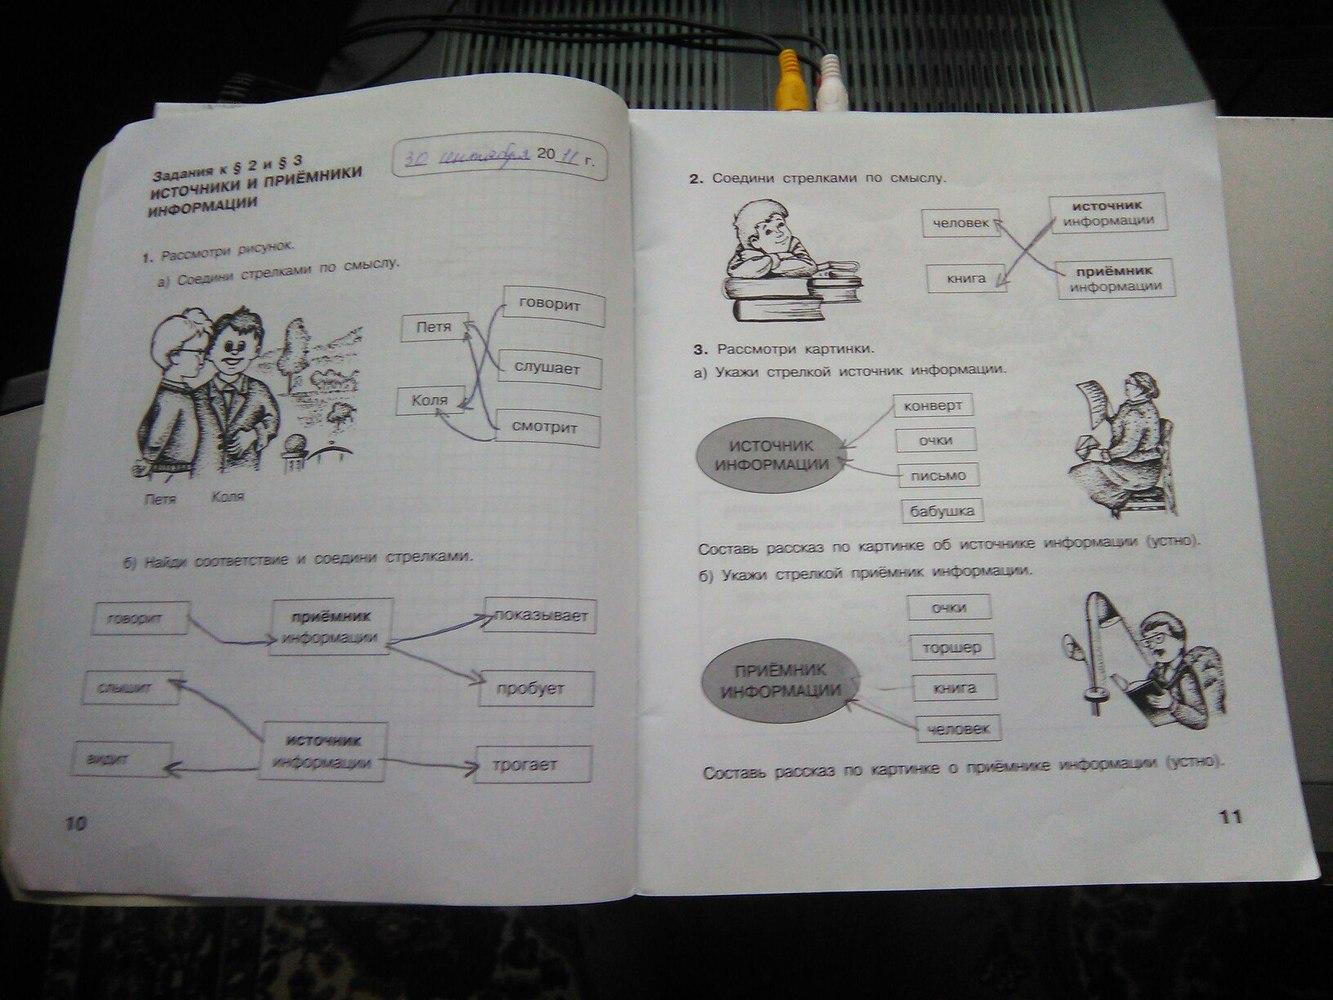 ГДЗ по информатике класс Матвеева Челак рабочая тетрадь решебник Часть 1